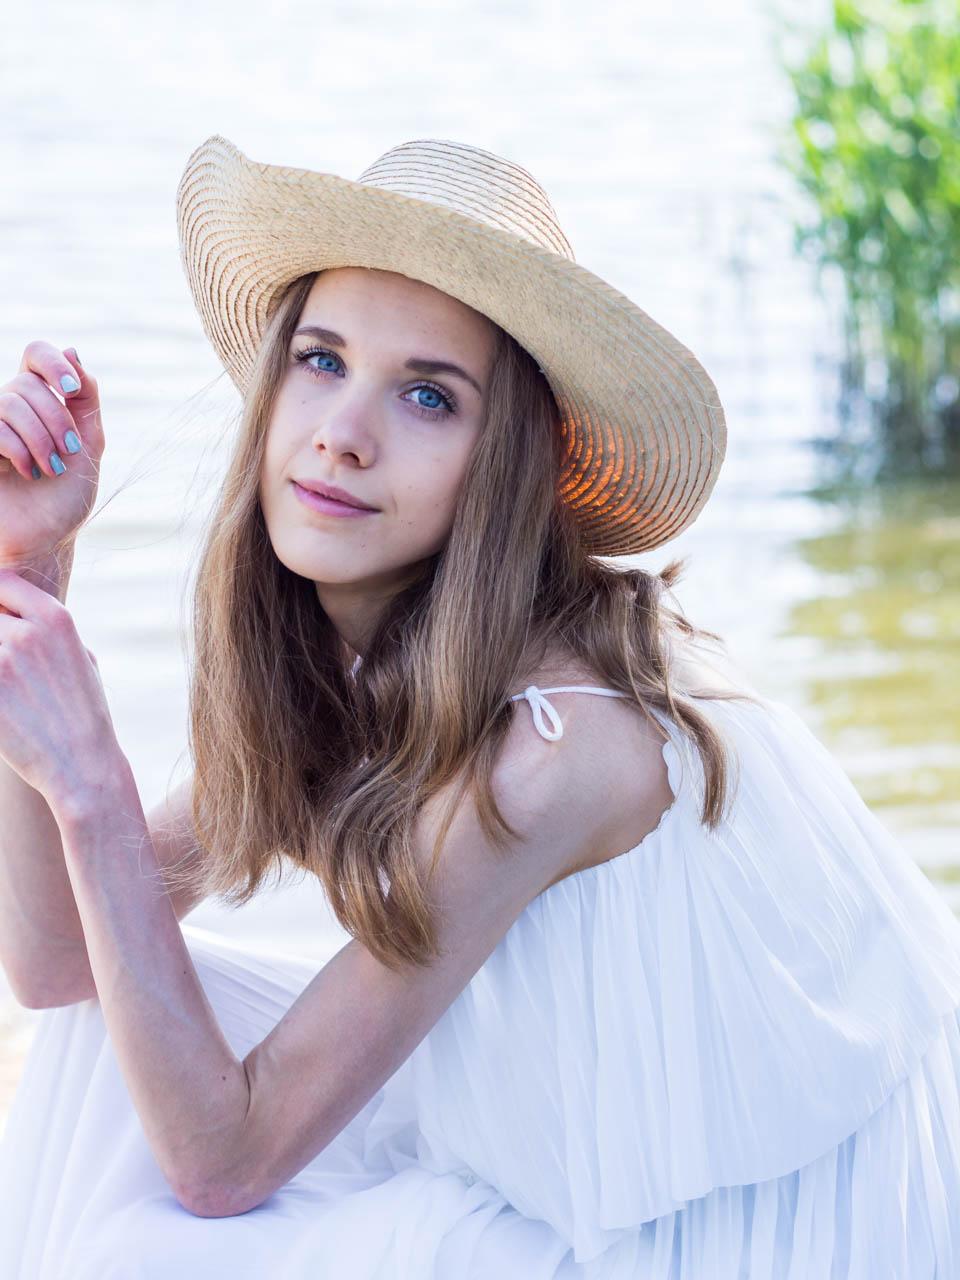 juhannus-midsummer-2019-white-maxi-dress-valkoinen-maksimekko-kesämuoti-fashion